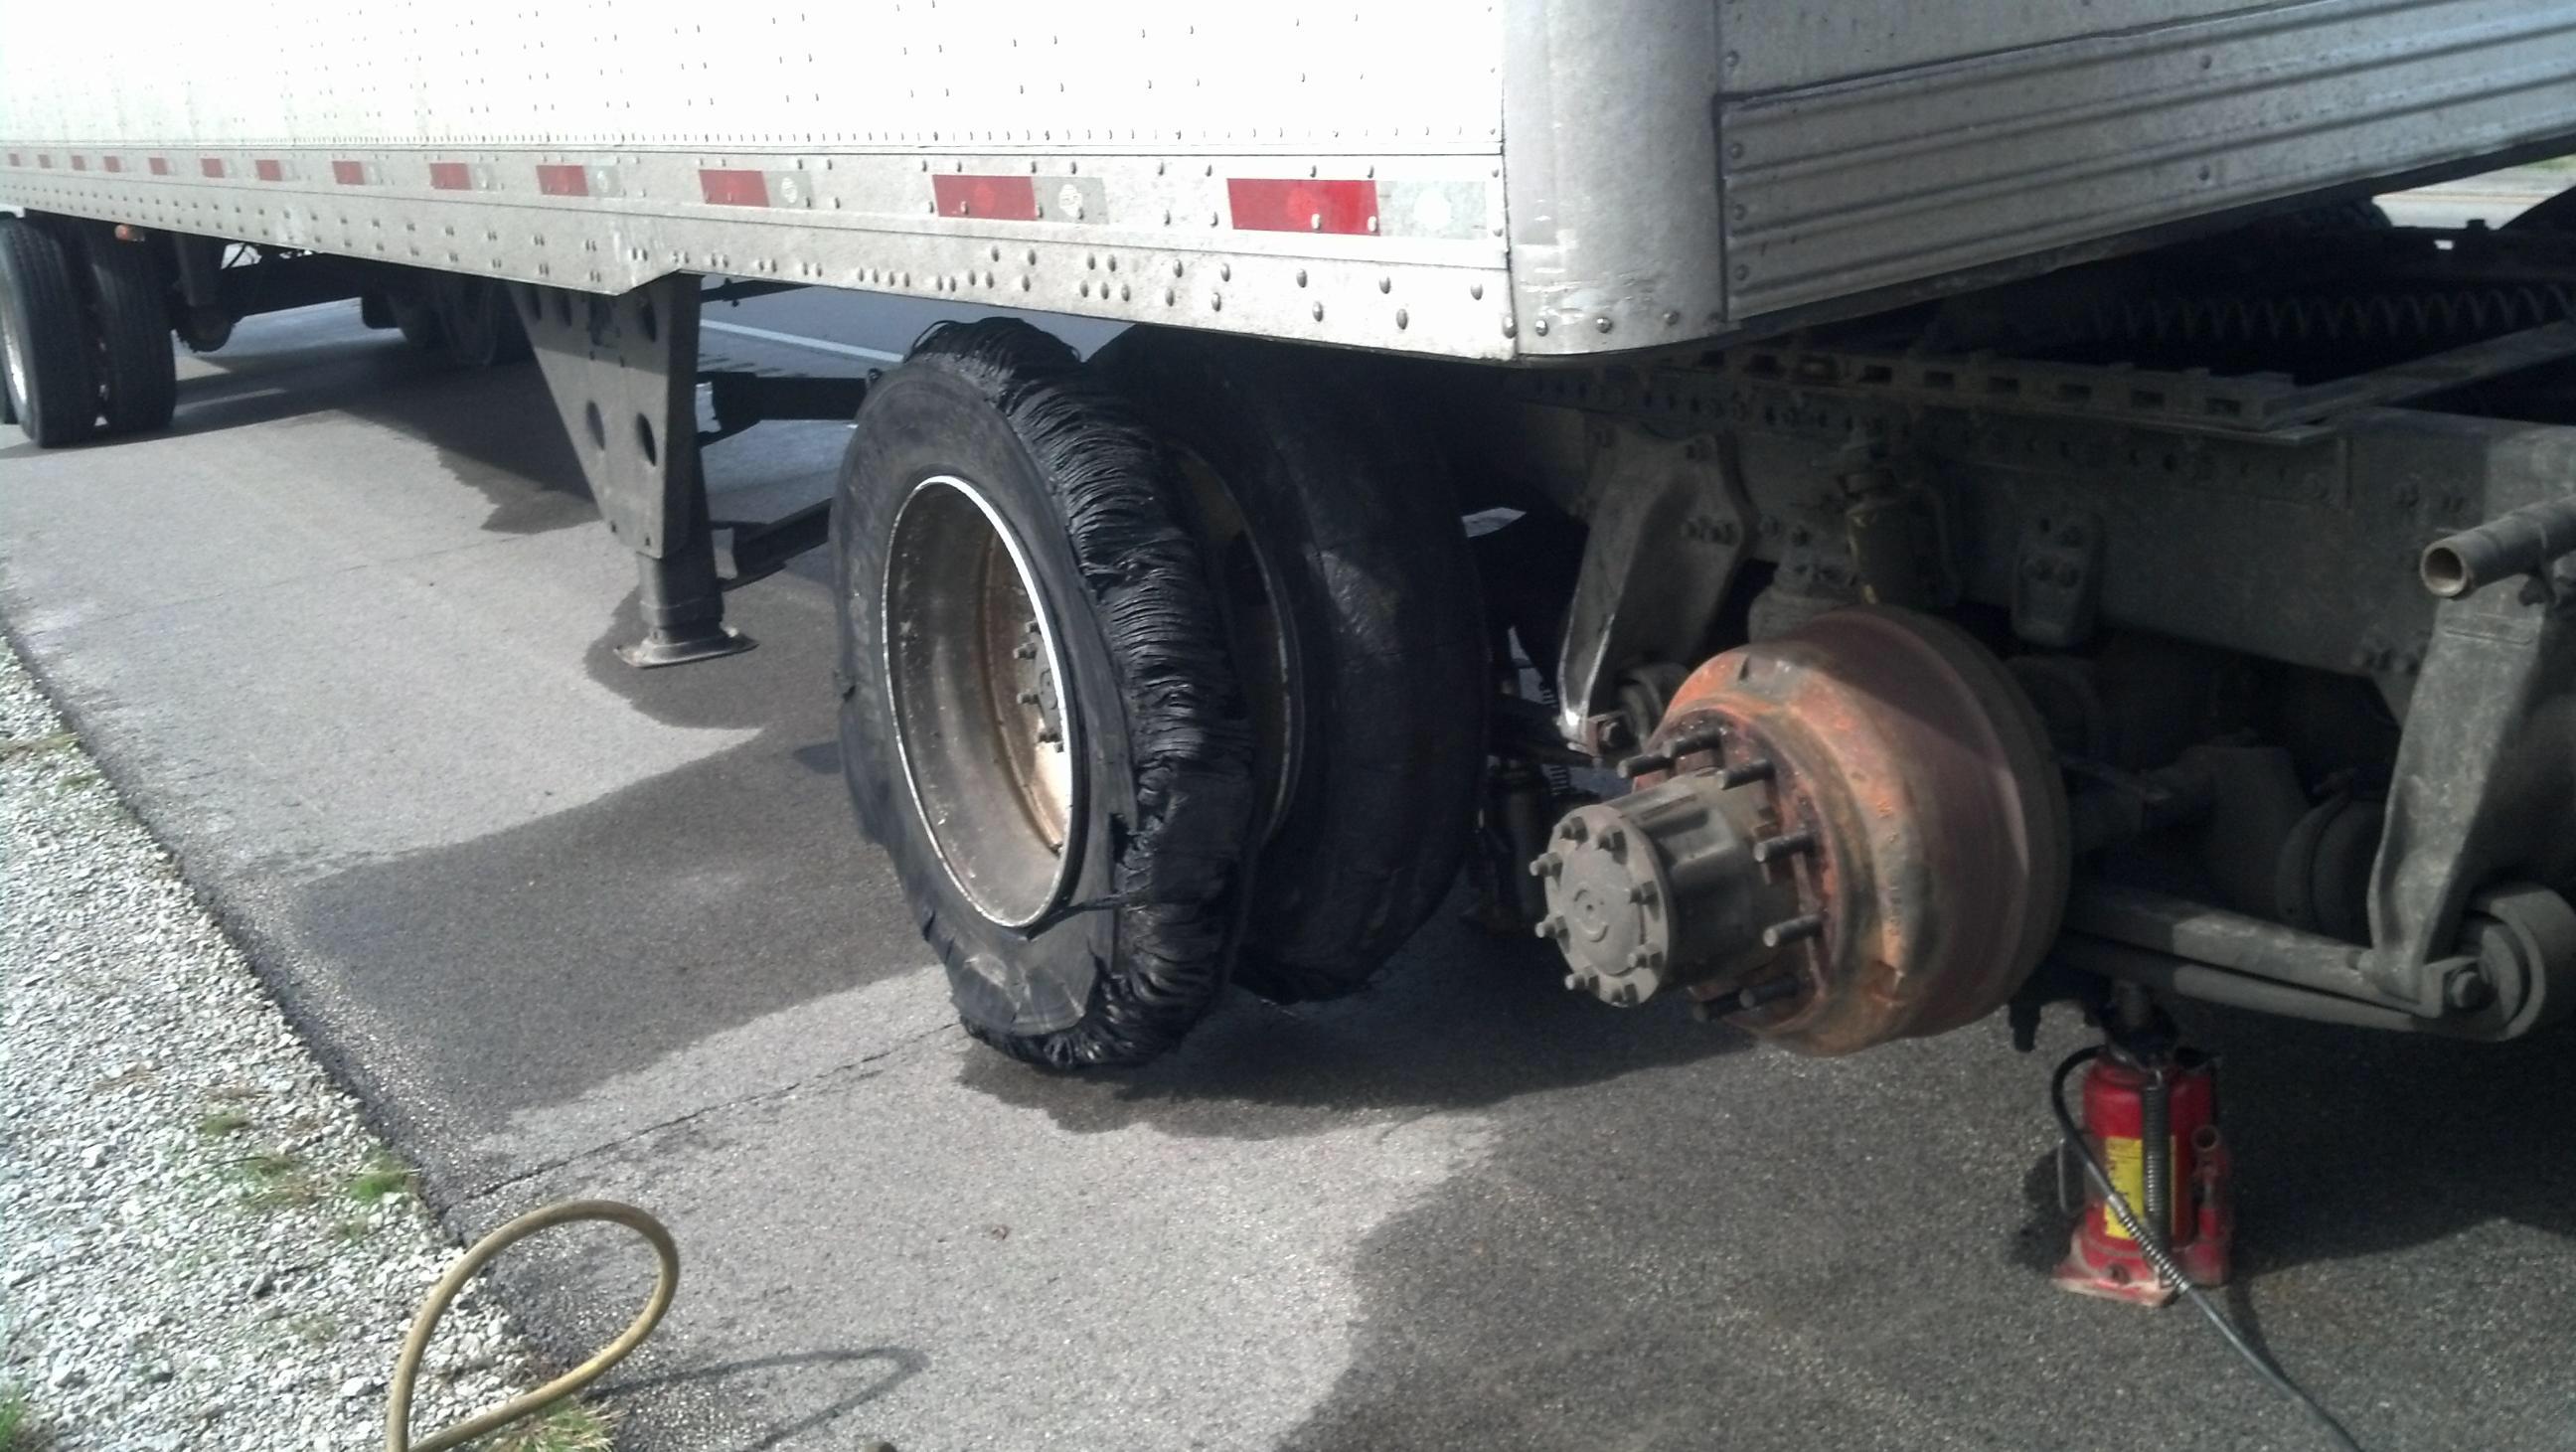 Effingham Repair Announces 24 Hour Mobile Tire Assistance ...